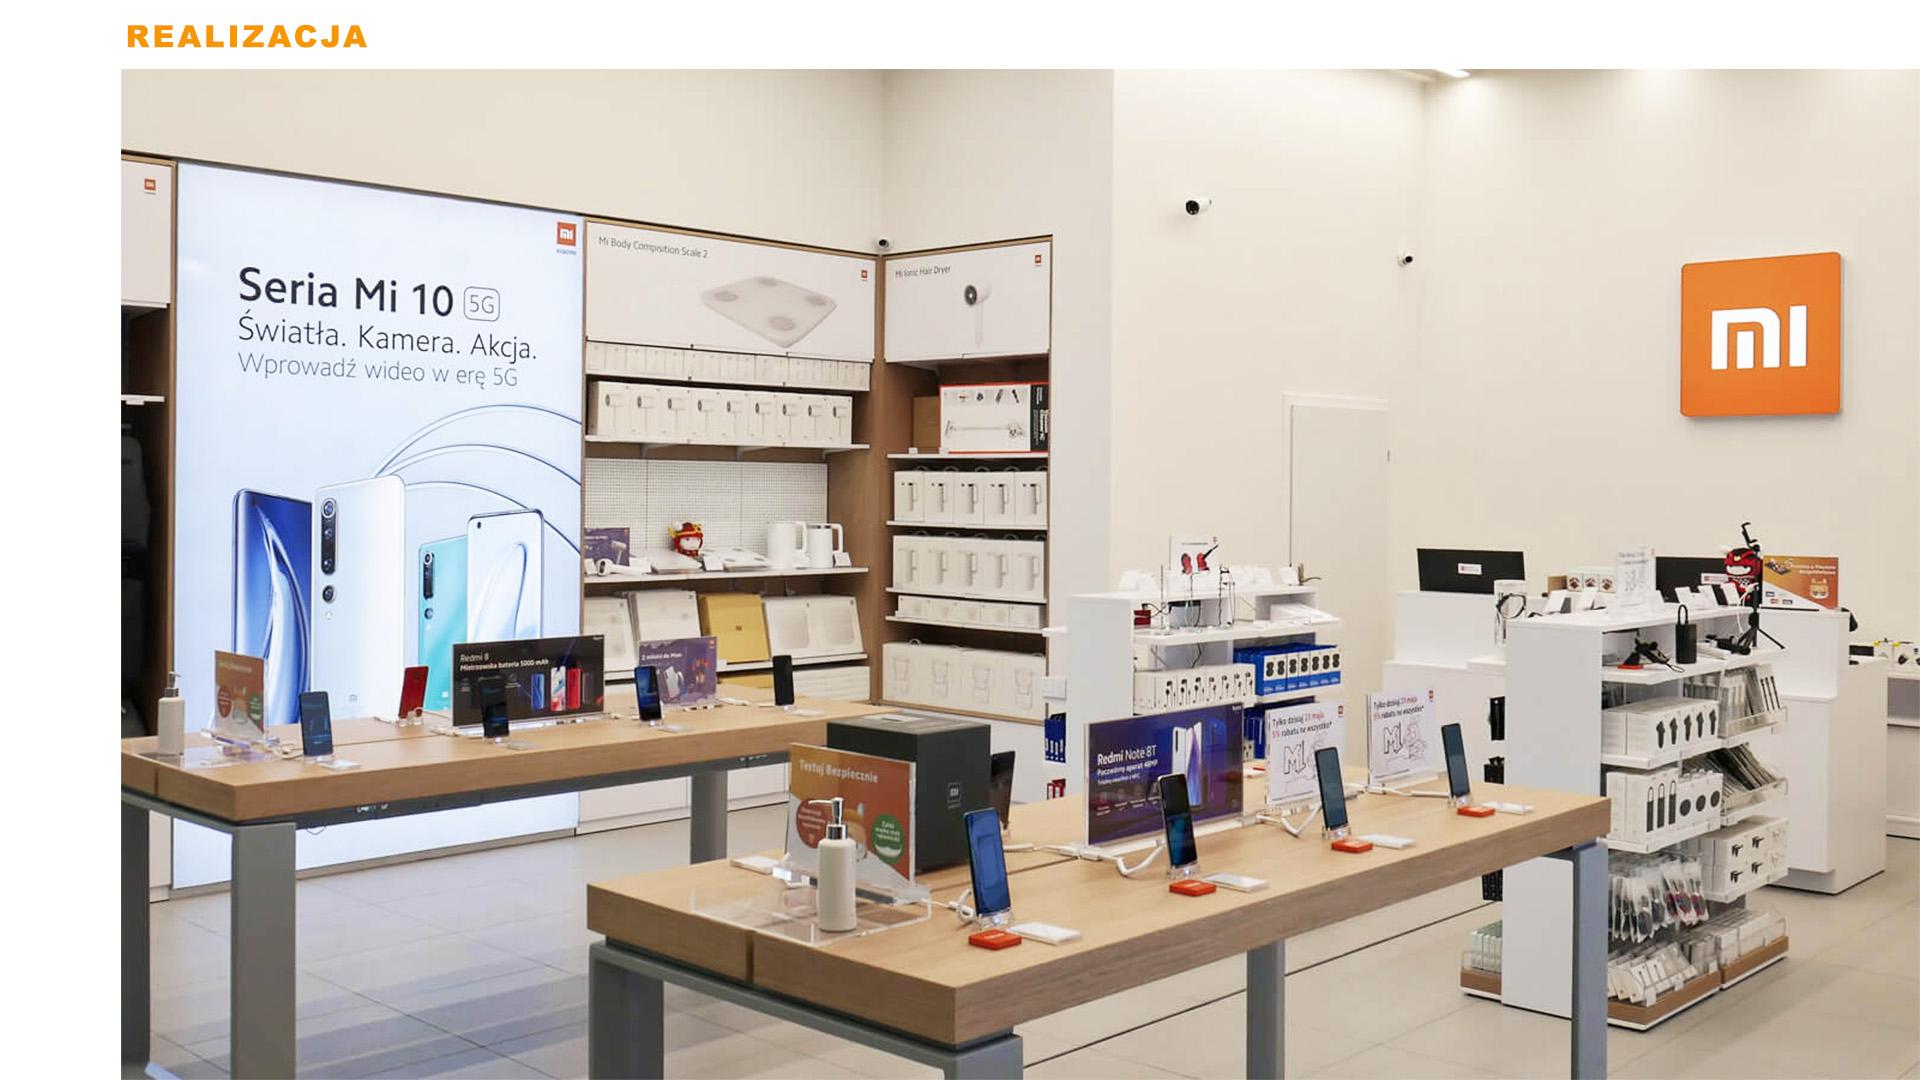 Mi-Store - Czeladź - Centrum Handlowe m1 - realizacja